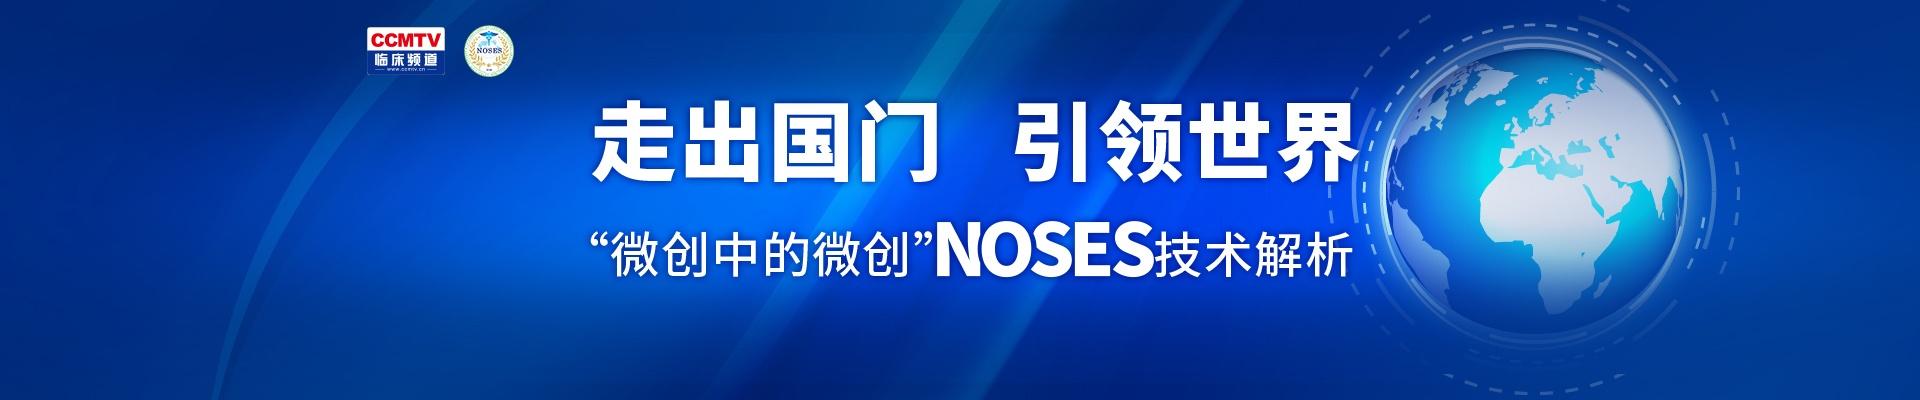 """""""微创中的微创""""NOSES技术解析专题"""